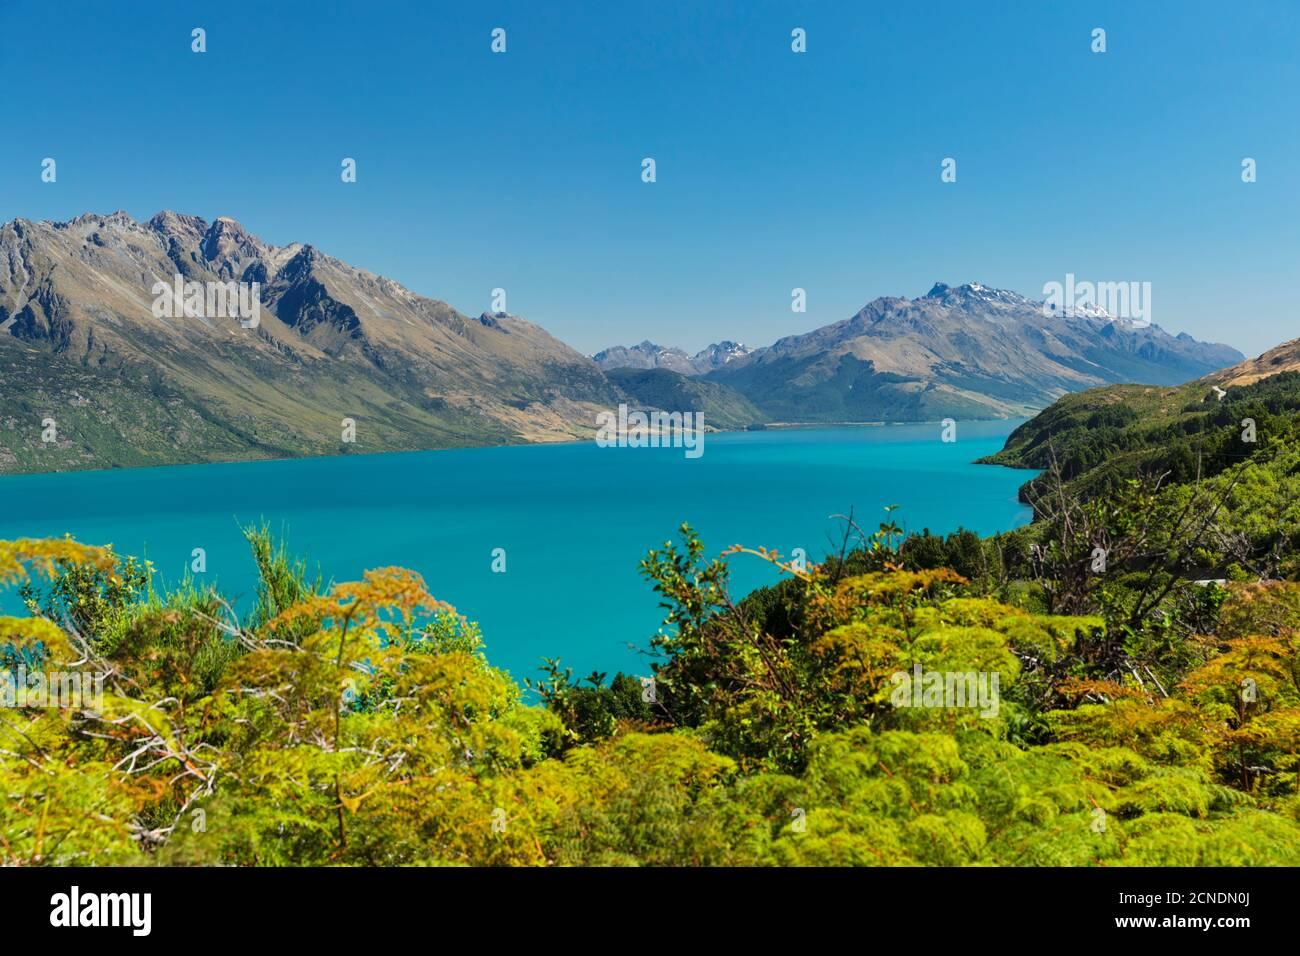 Vue sur le lac Wakatipu jusqu'aux montagnes Thomson, Queenstown, Otago, South Island, Nouvelle-Zélande, Pacifique Banque D'Images